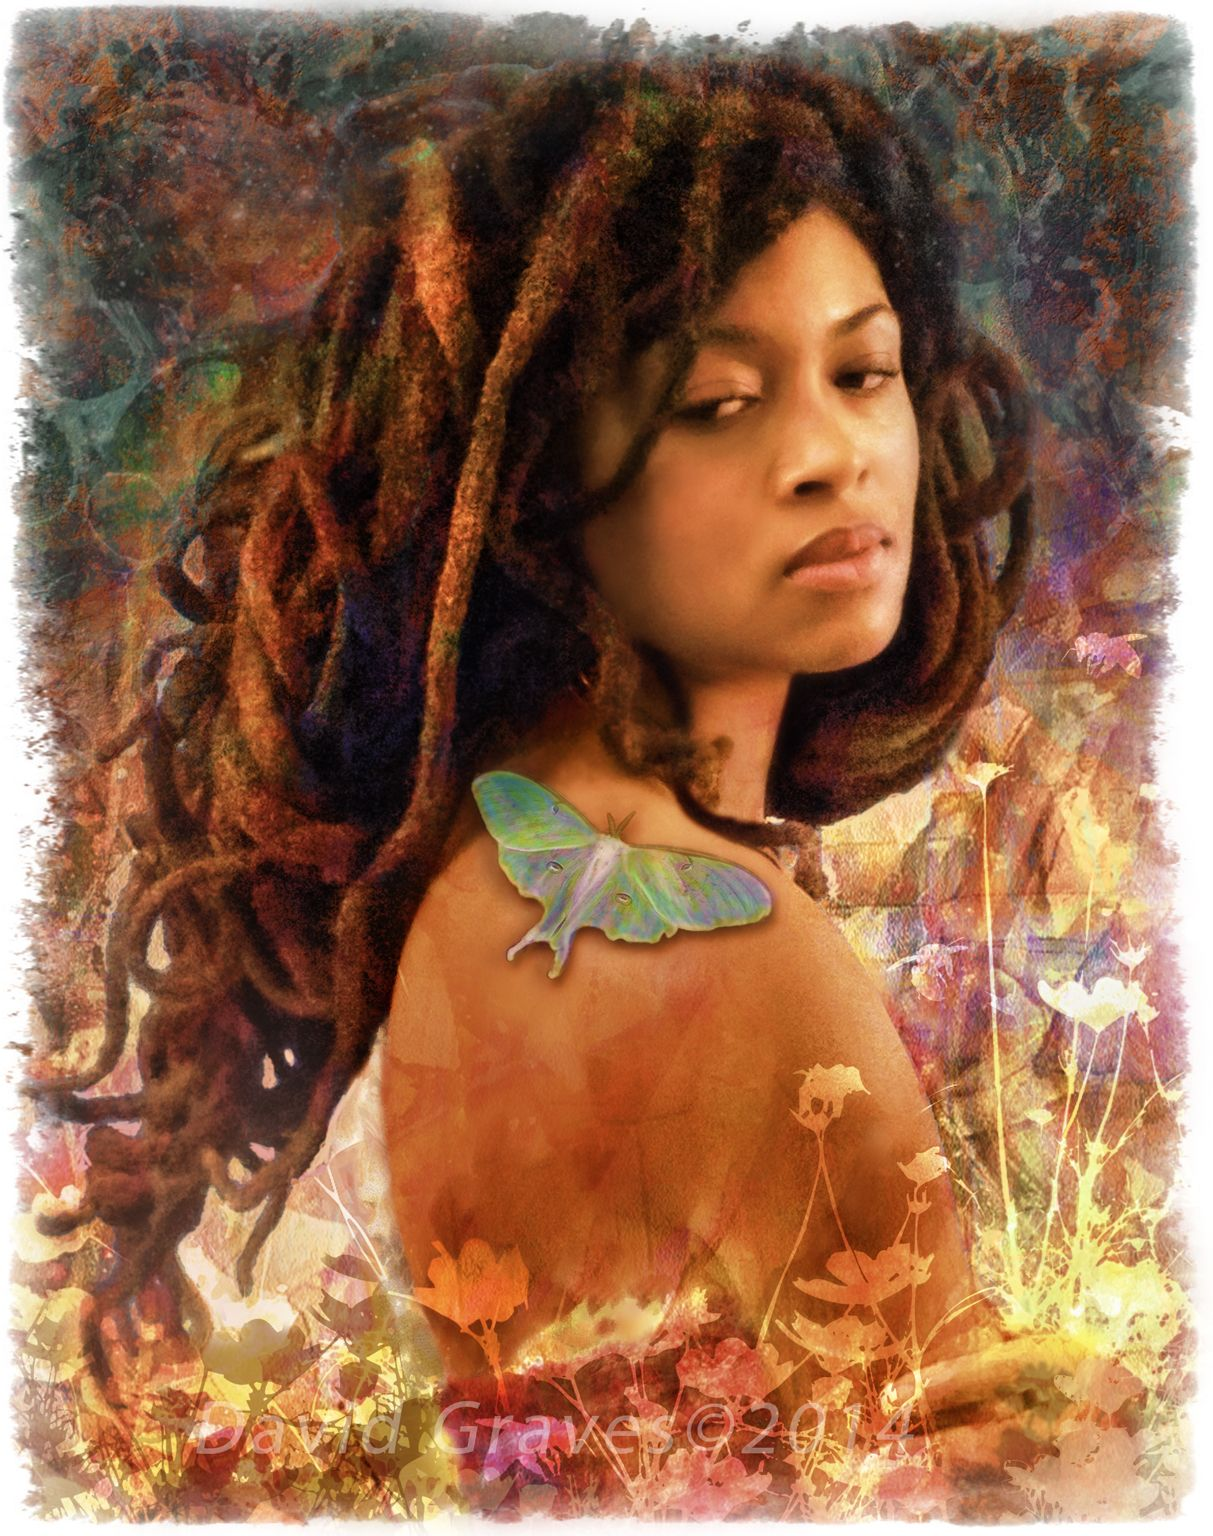 Workbooks workbook com : David Graves illustration Portfolio - Workbook.com | Black Women ...